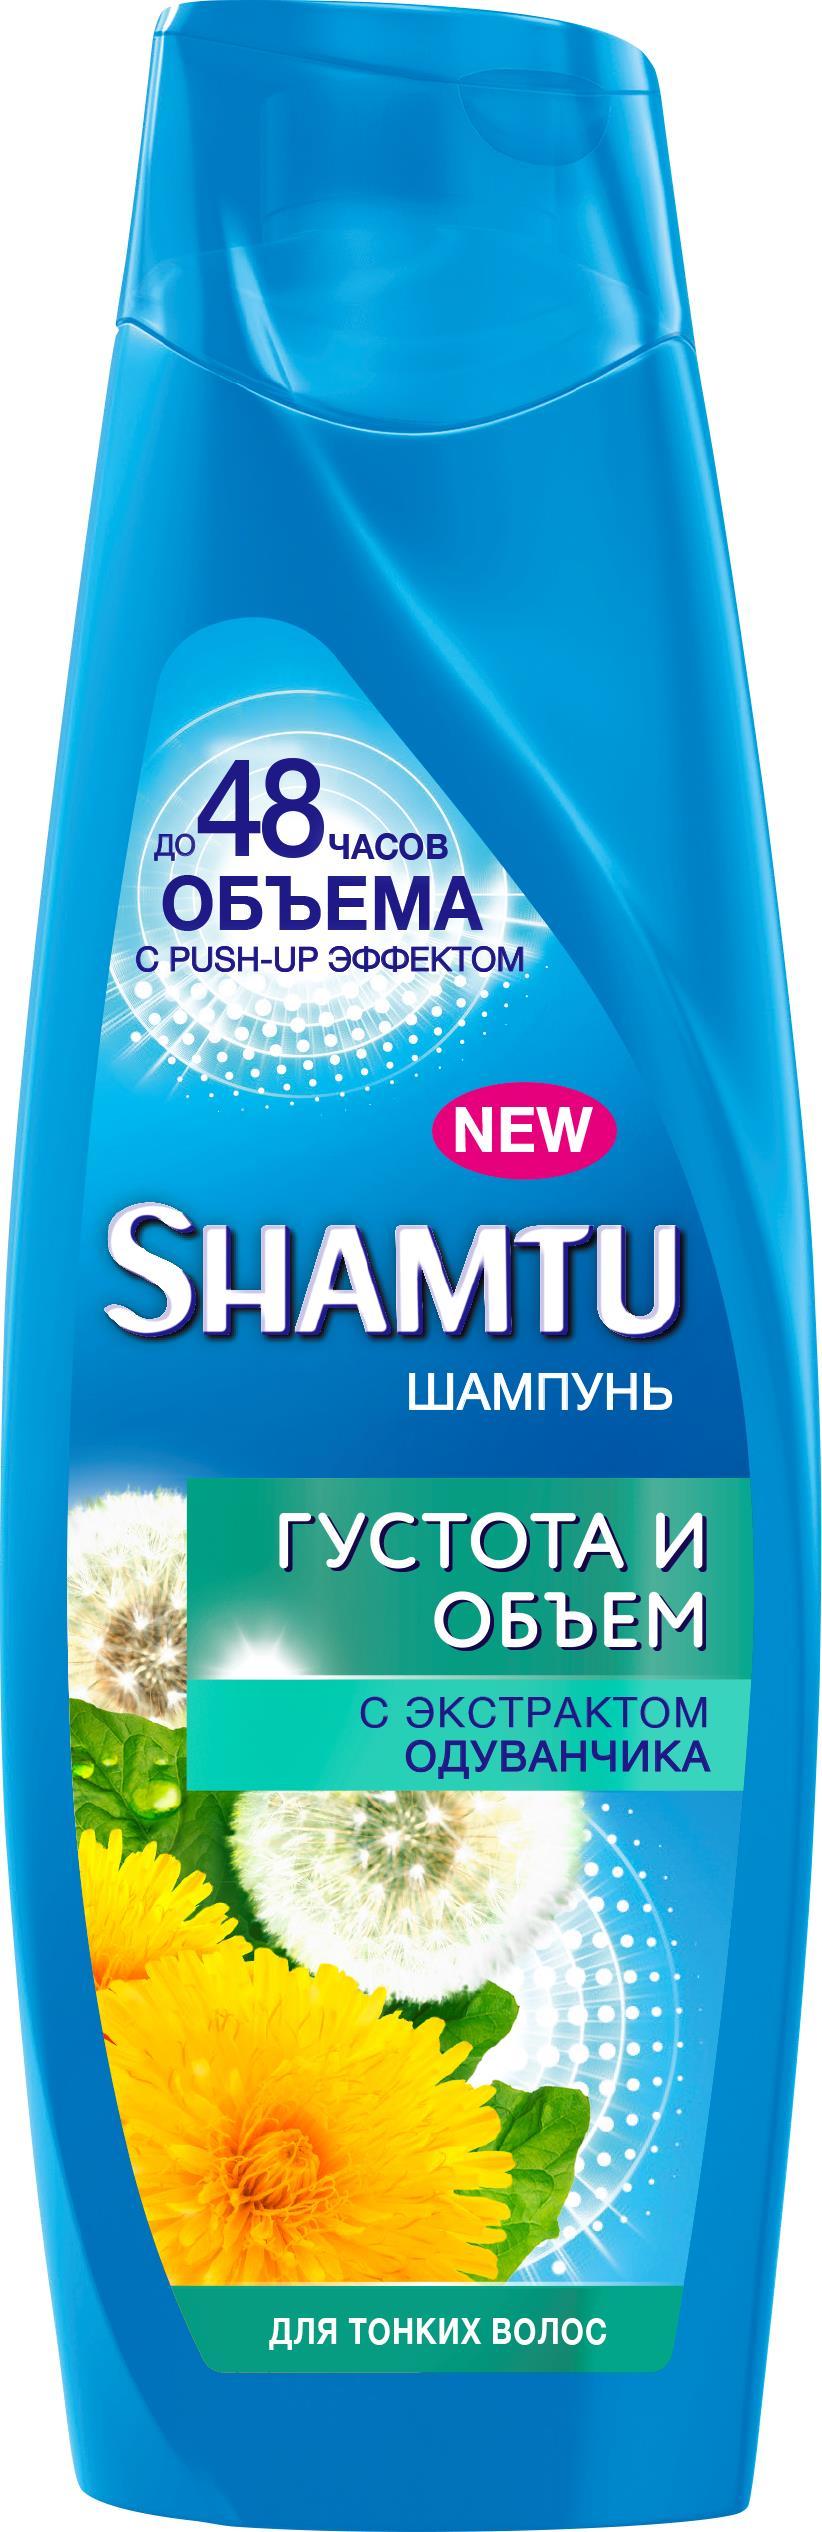 Shamtu Шампунь Густота и объем с экстрактом одуванчика, 360 мл shamtu шампунь 100